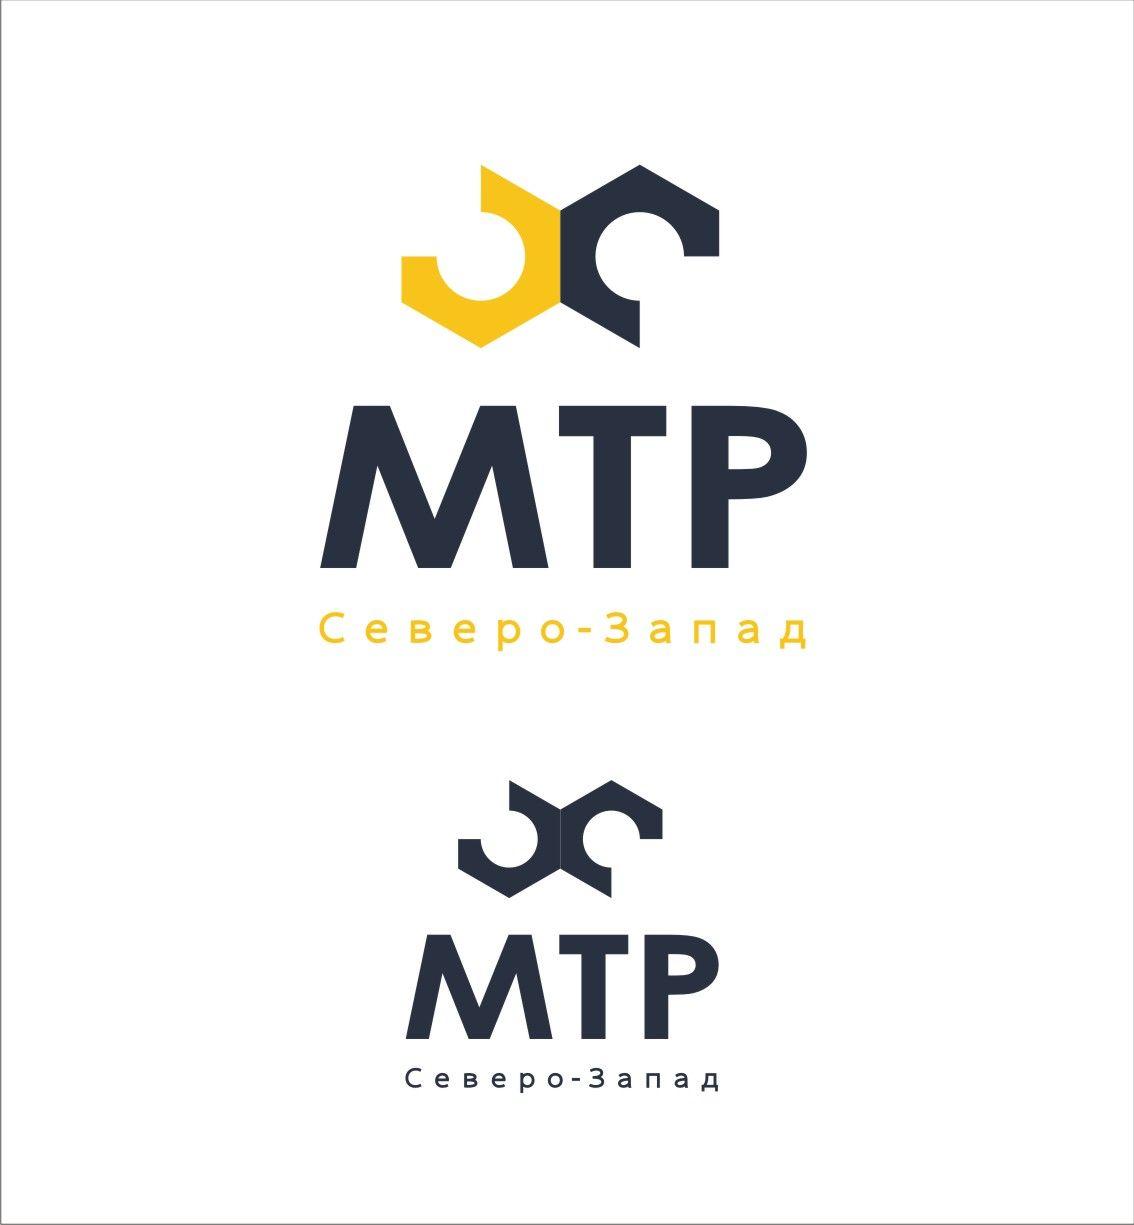 Редизайн лого (производство и продажа мототехники) - дизайнер olenyonok